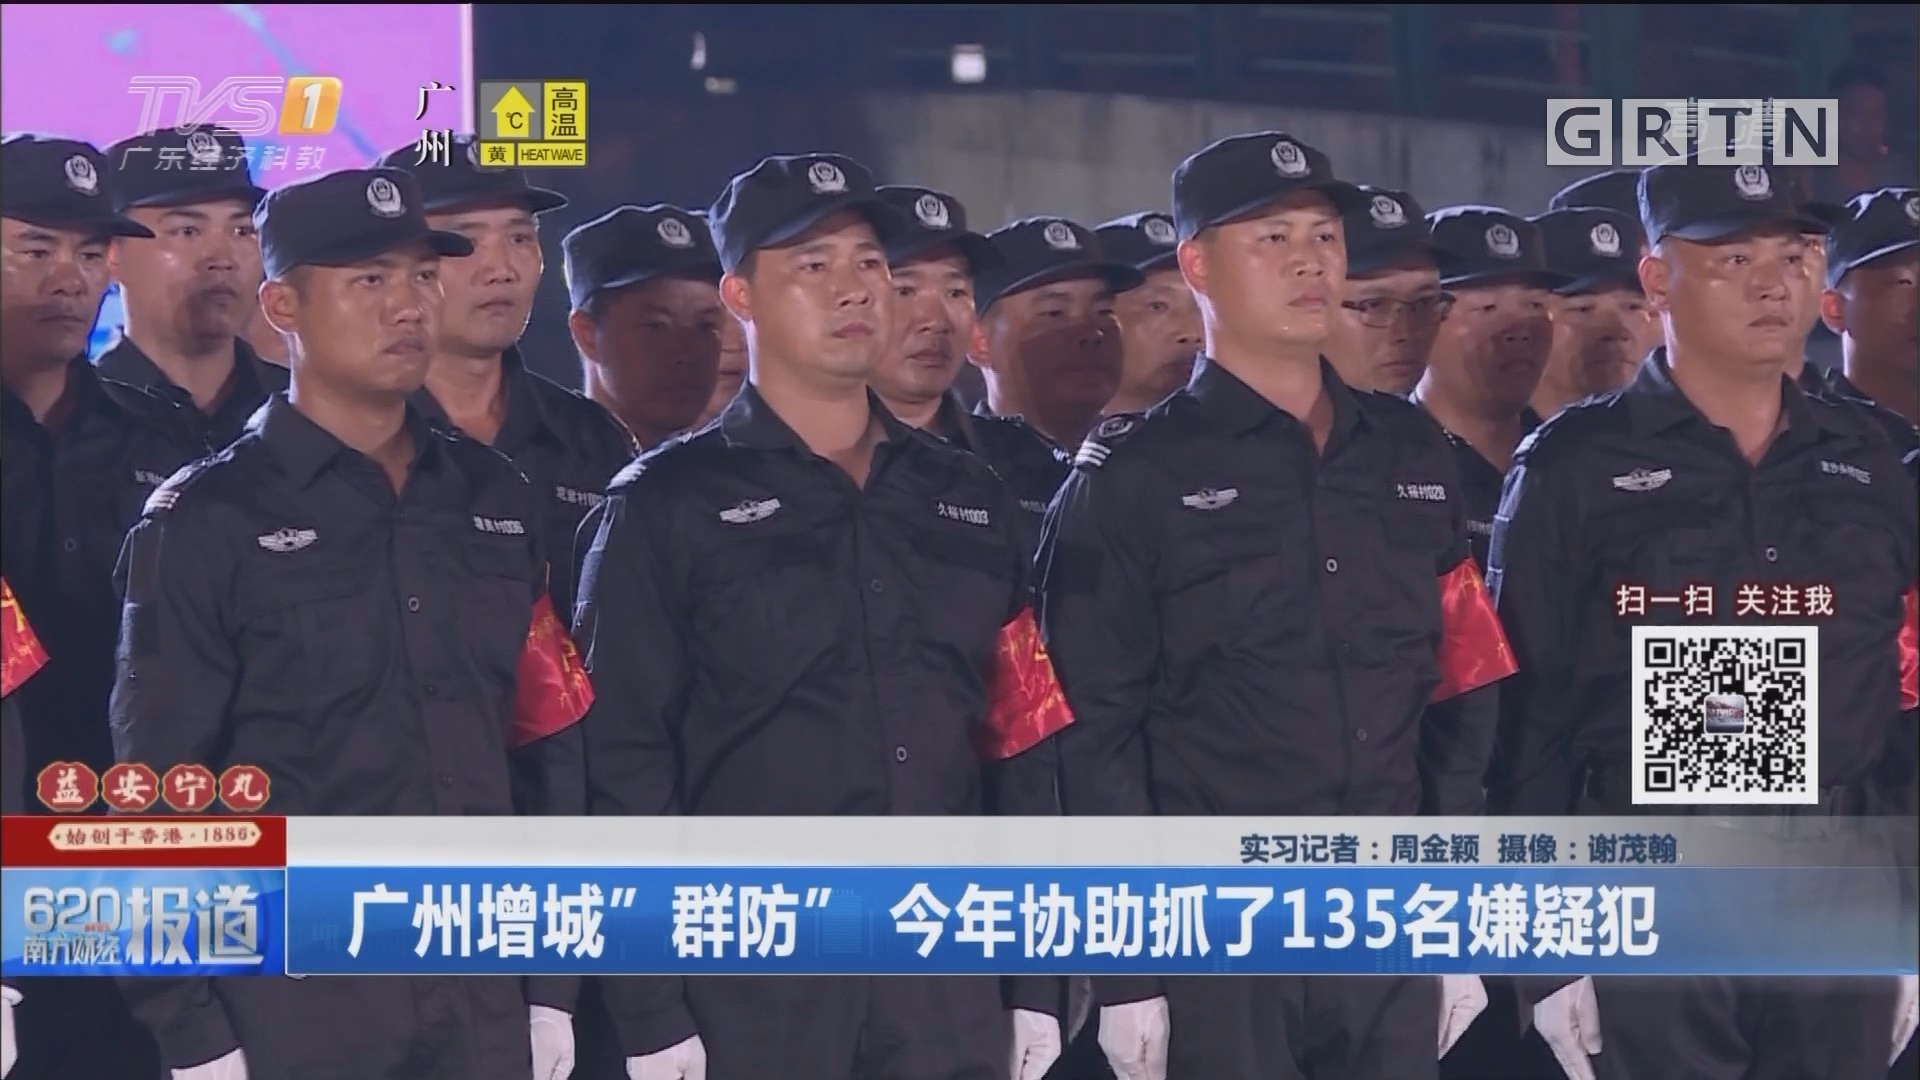 """广州增城""""群防"""" 今年协助抓了135名嫌疑犯"""